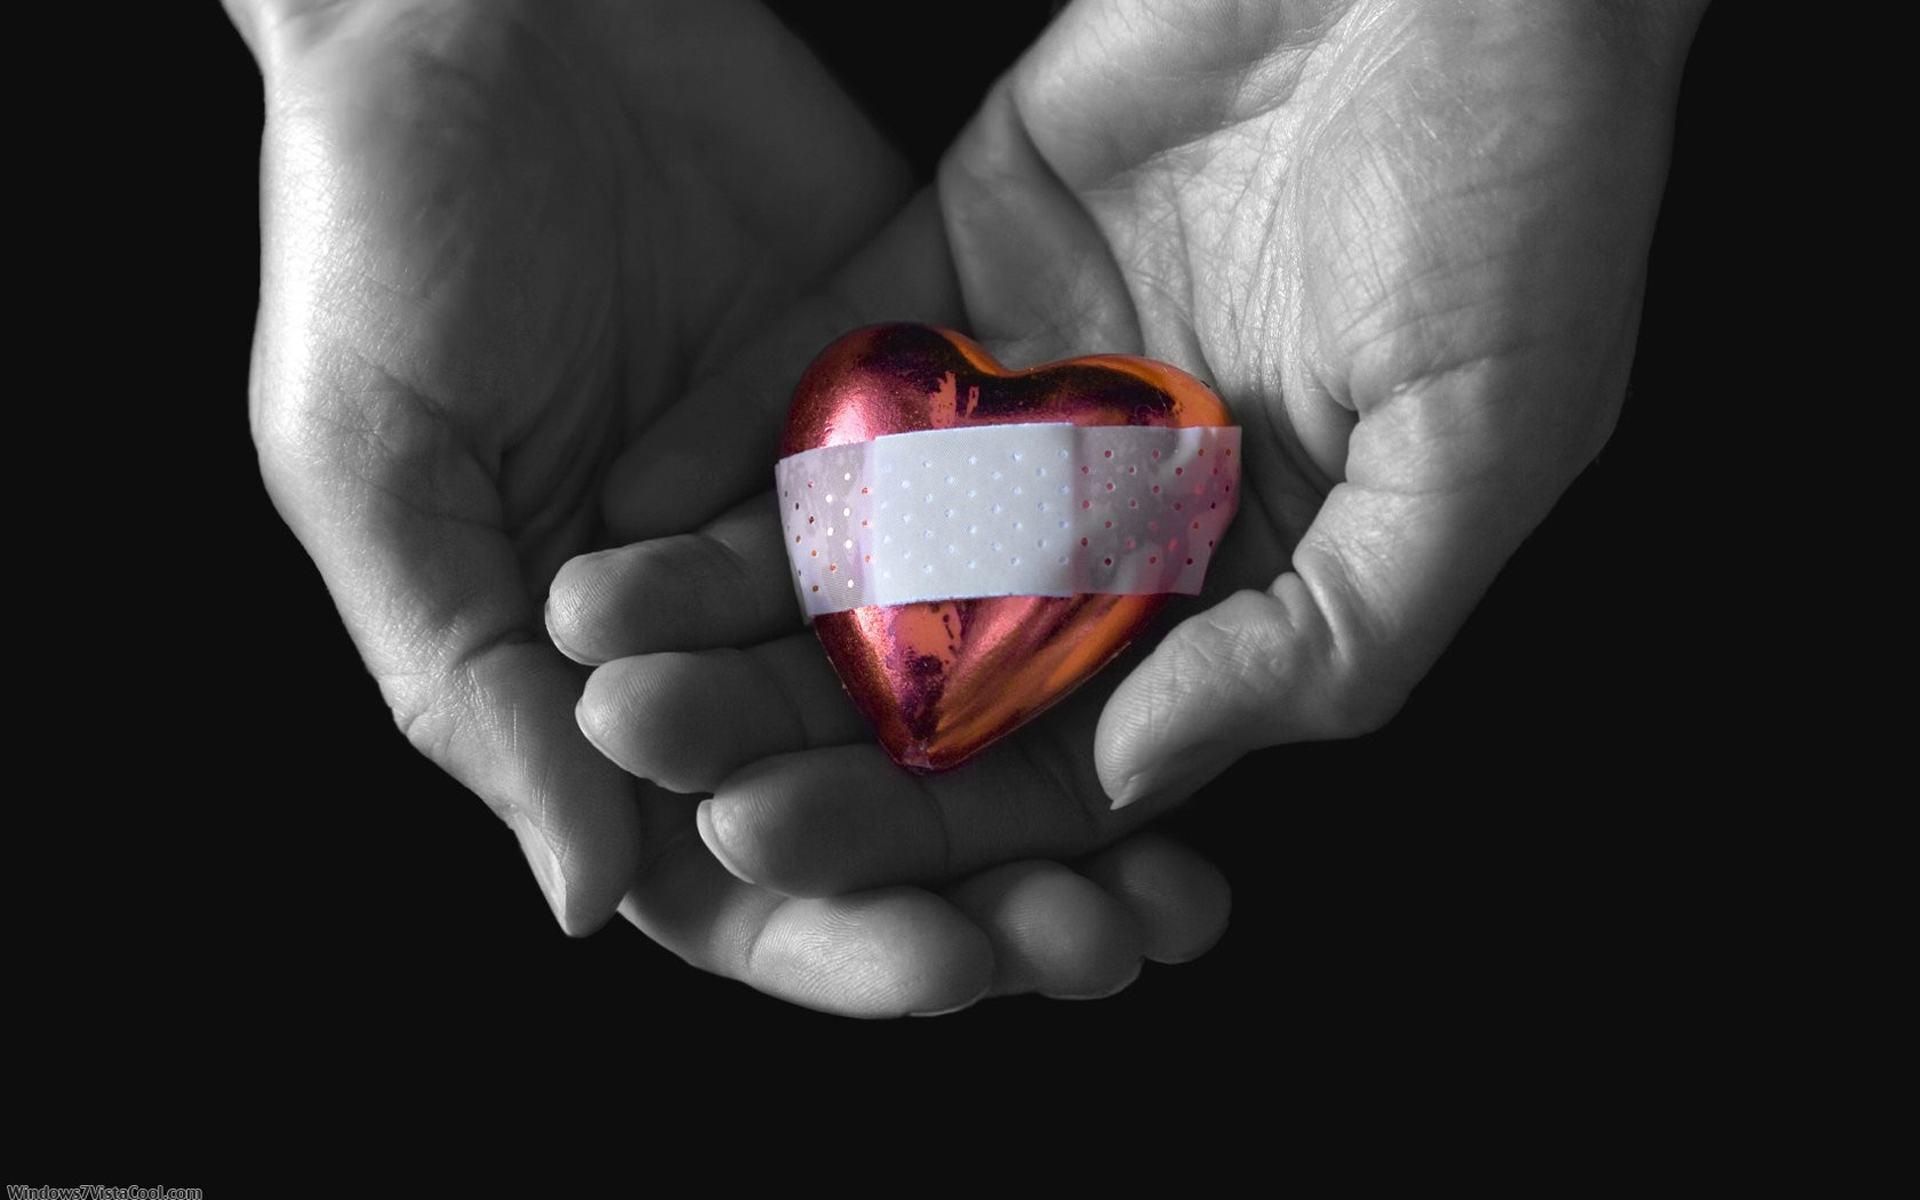 разбитое сердце в руках, скачать фото, обои для рабочего стола, broken heart in hands